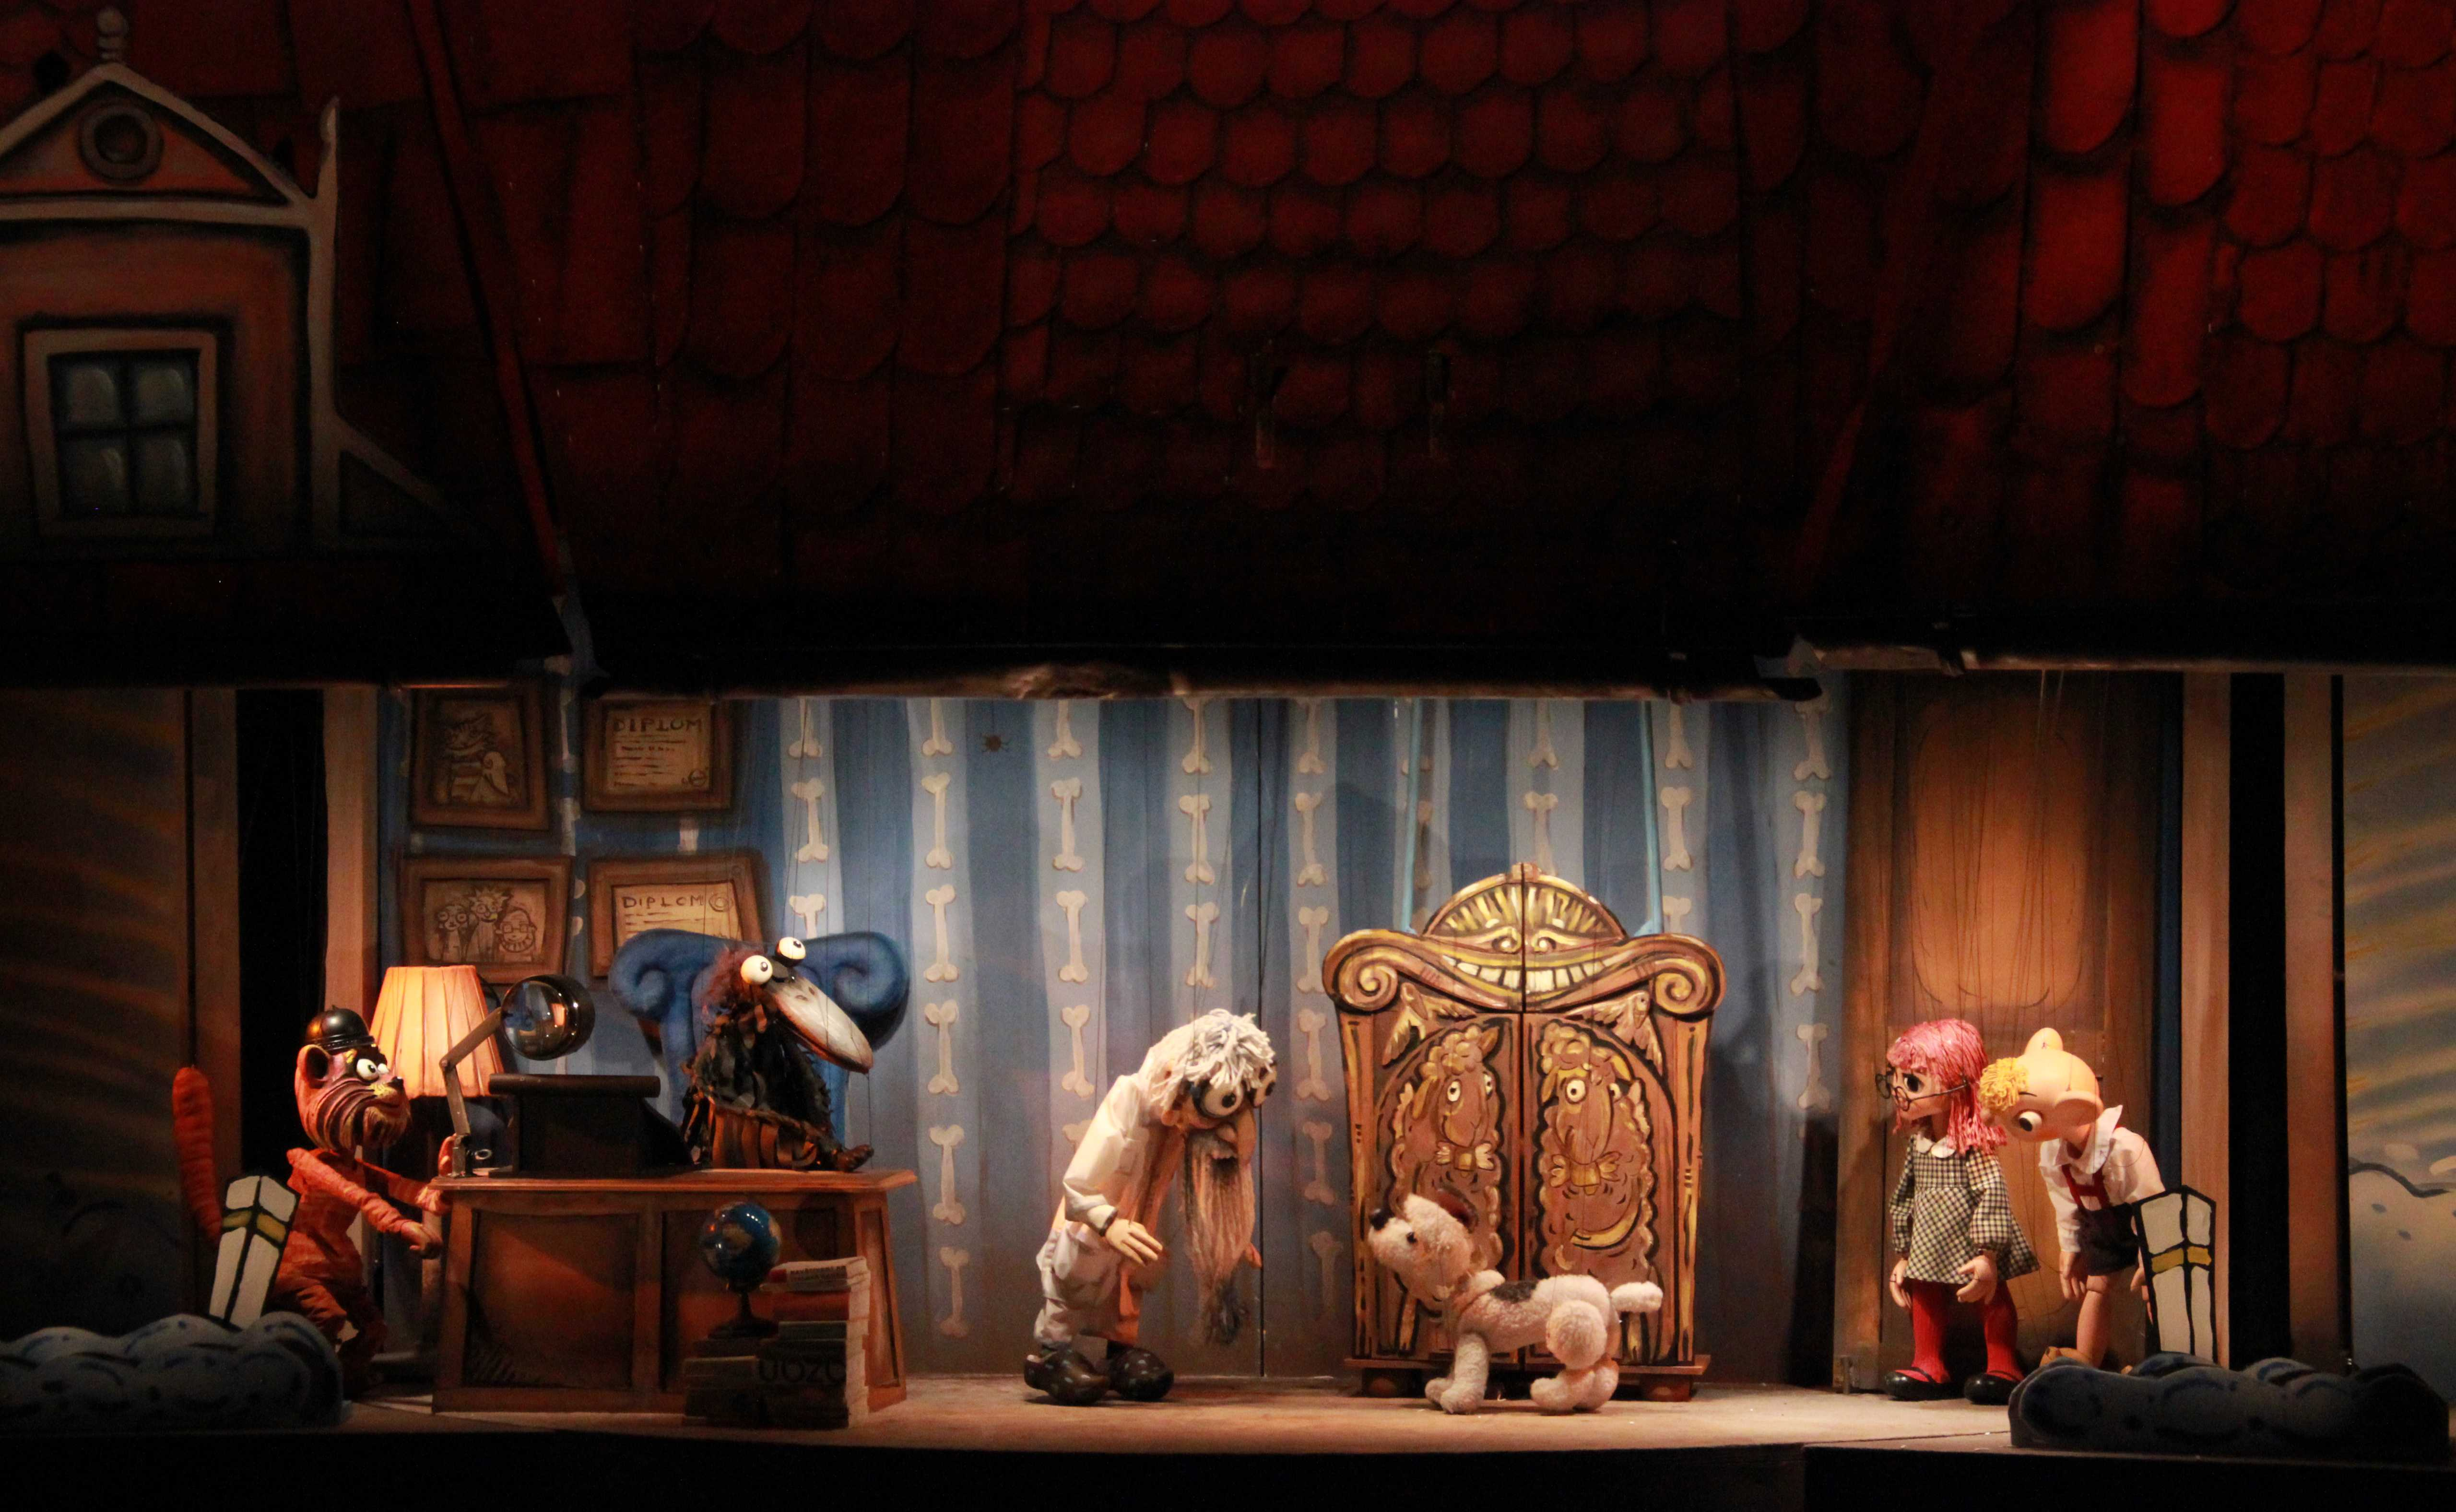 <em>Hurvínkova nebesíčka</em> (2013) por Divadlo Spejbla a Hurvínka (Praga, República Checa), puesta en escena: Ondřej Lážnovský, concepción/escenografía: Denisa Abrhámová-Grimmová. Foto: Denisa Kirschnerová